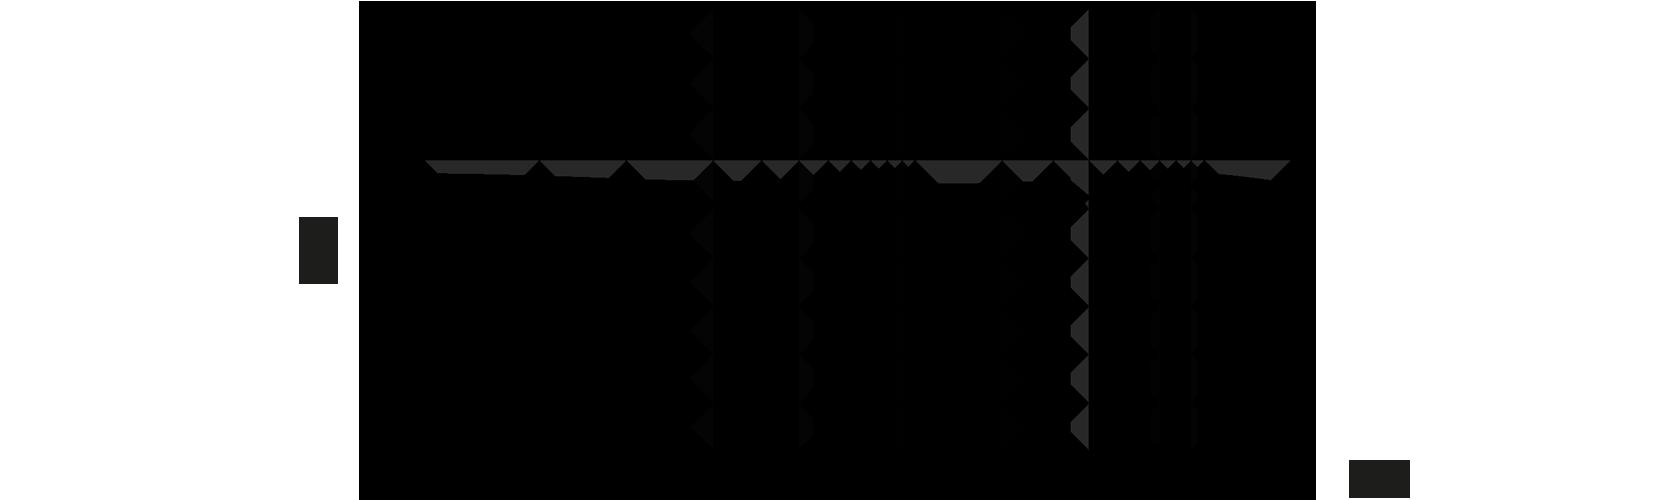 Shure KSM141 Micrófono de instrumento de patrón dual Imagen de la curva de la respuesta en frecuencia